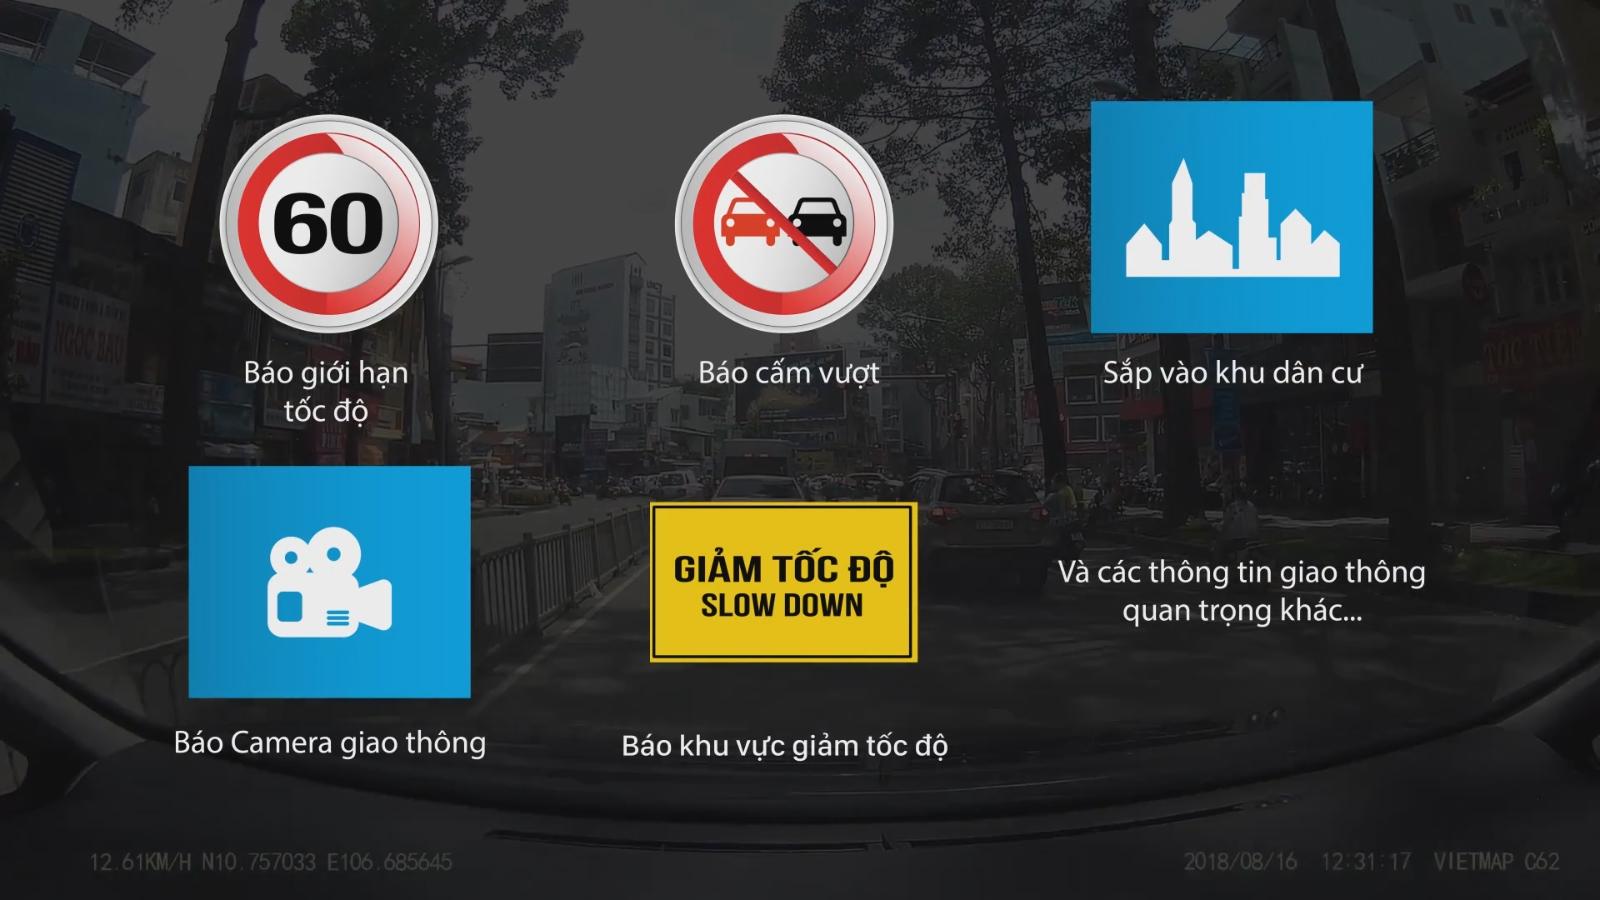 Camera Vietmap C62 cảnh báo bằng giọng nói, đọc và nhận diện biển báo giao thông